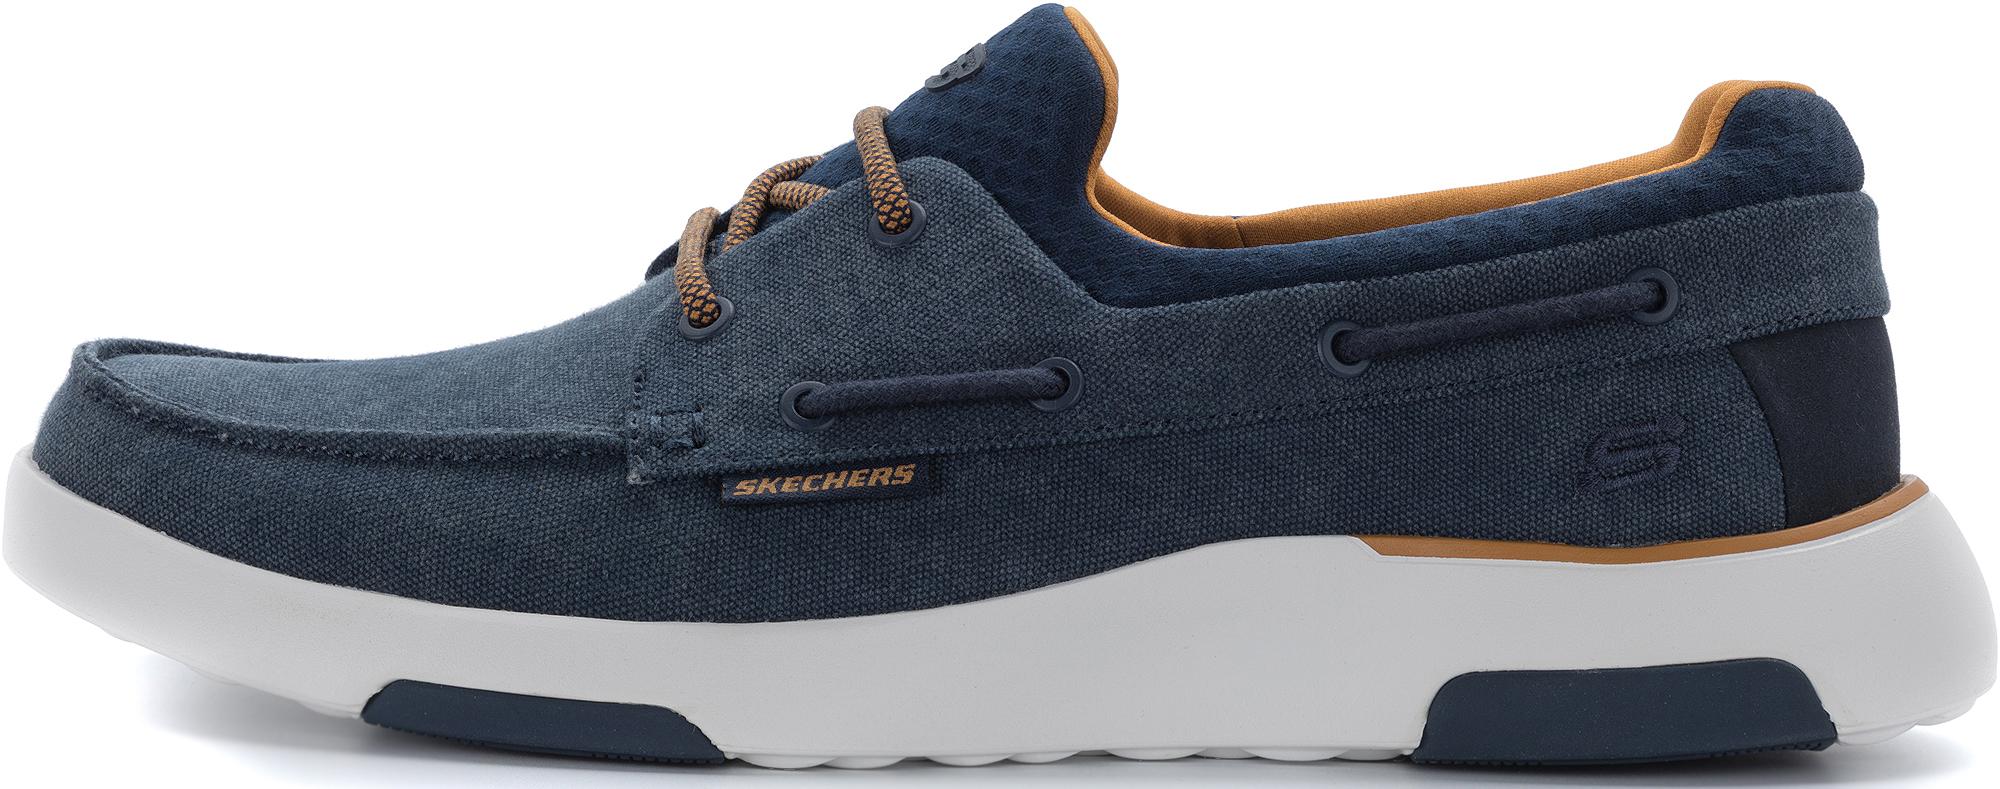 цена Skechers Полуботинки мужские Skechers Bellinger-Garmo, размер 41 онлайн в 2017 году